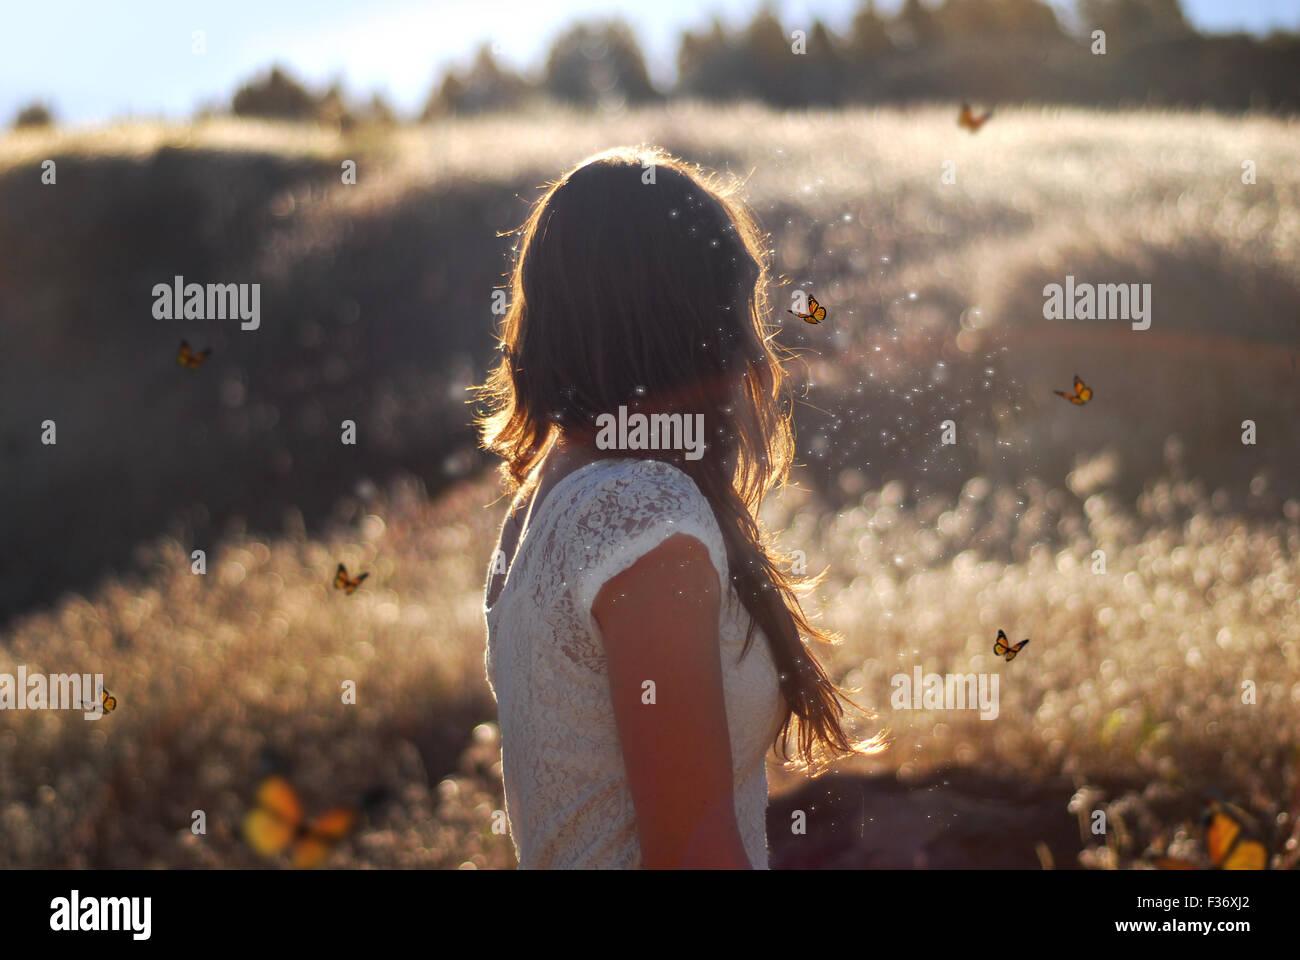 Chica en la hora dorada en vestido blanco con mariposas volando a su alrededor. Imagen De Stock